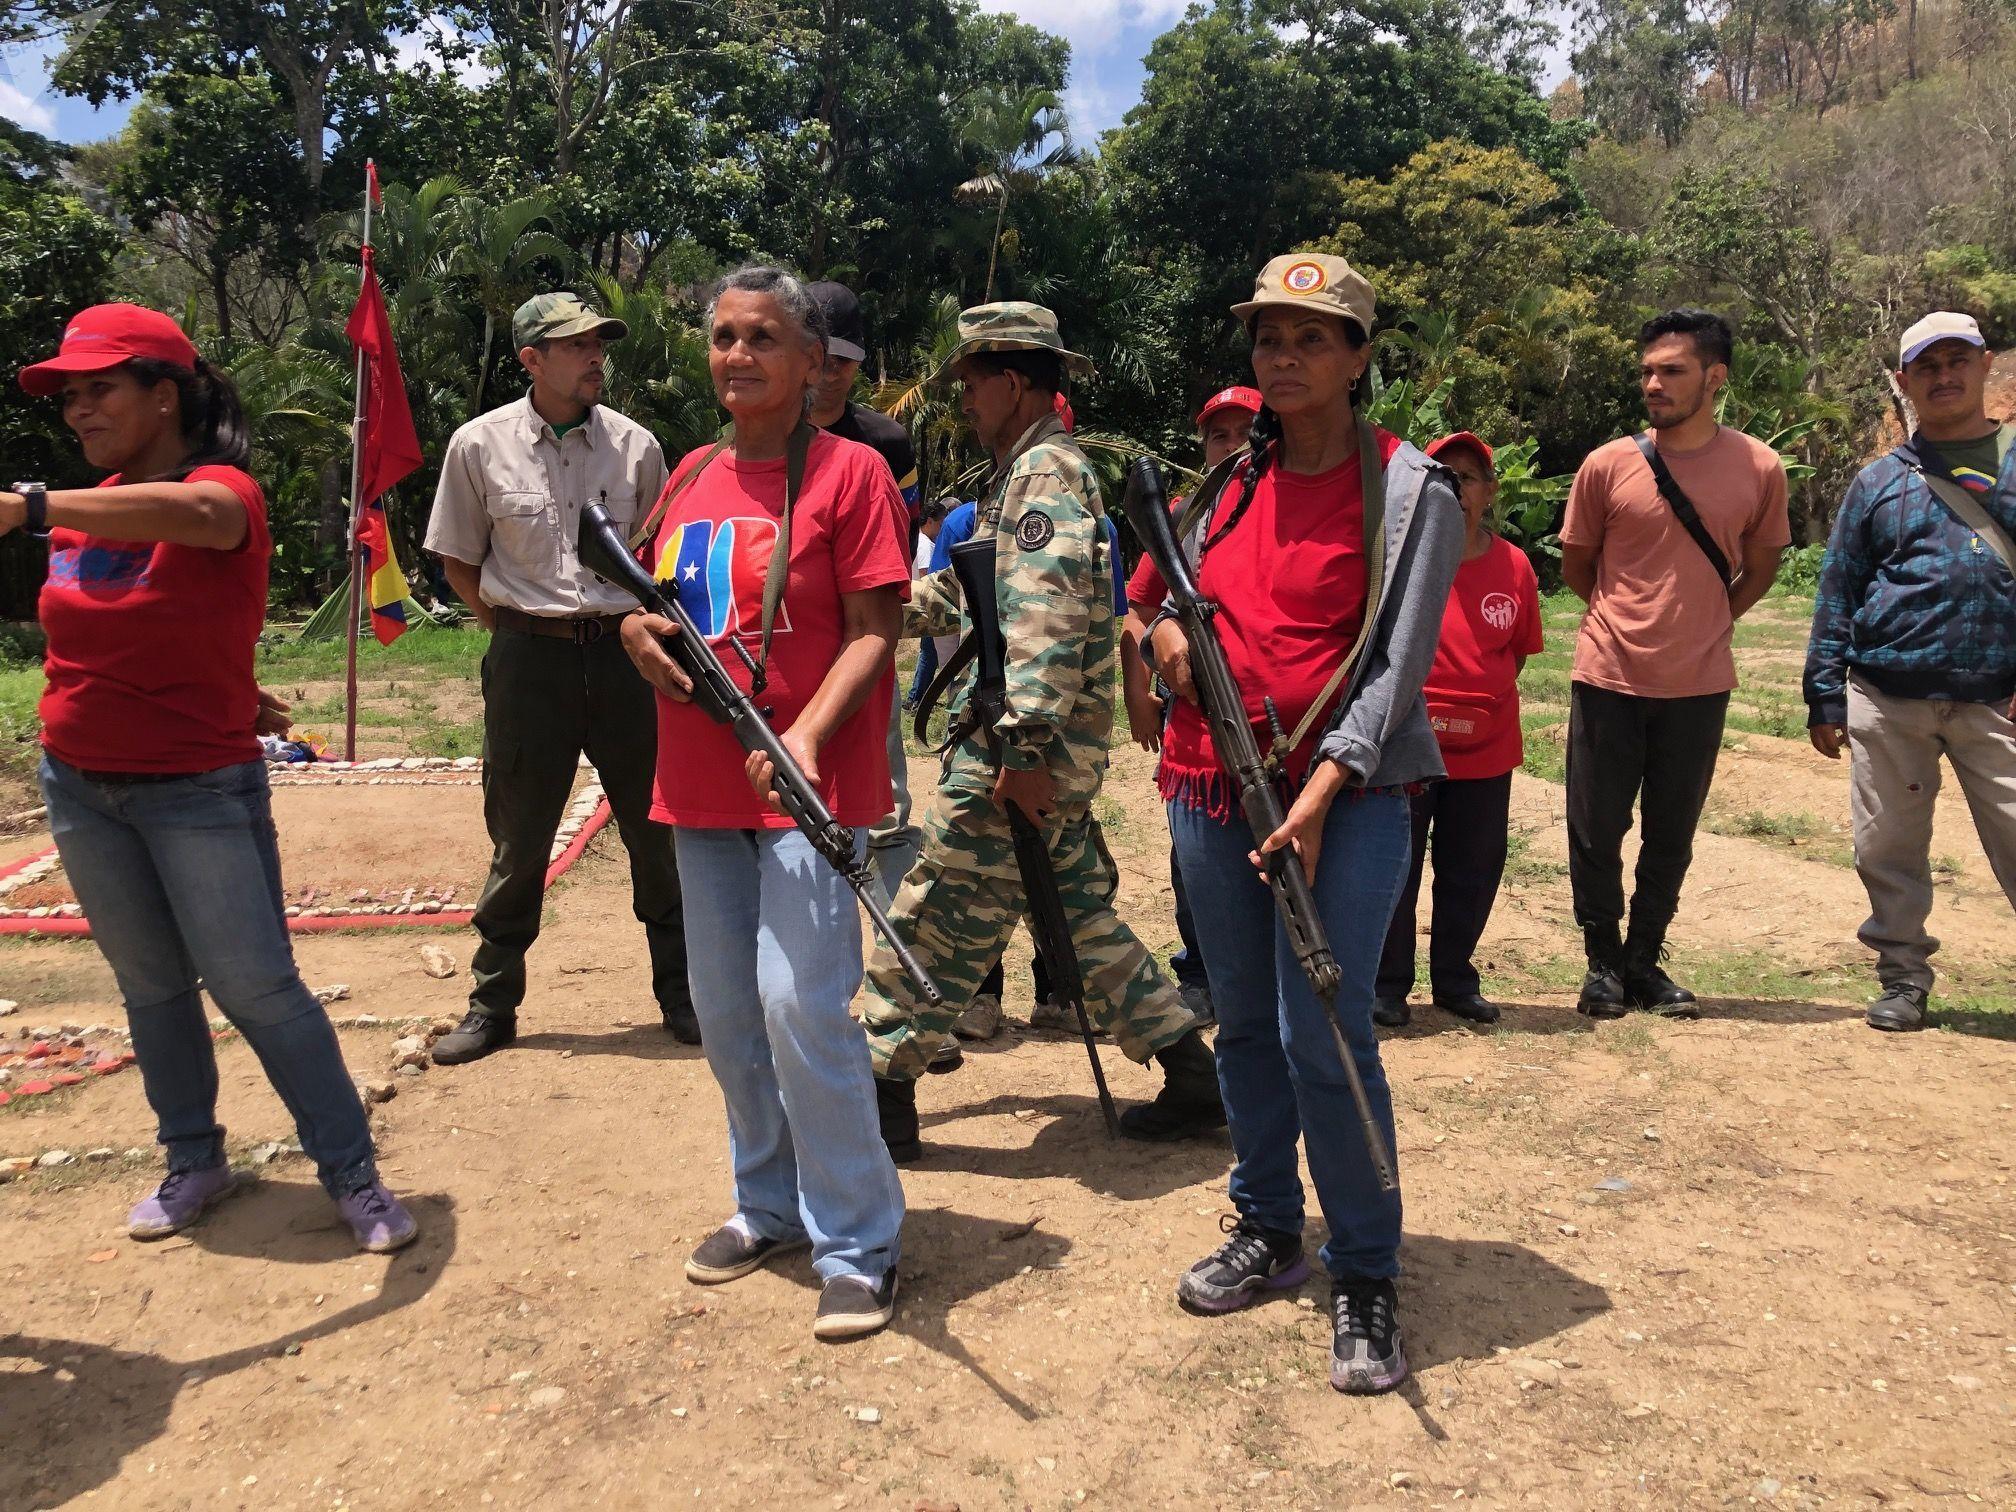 Hay un pueblo humilde, una masa poderosa, chavista y leal a 20 años de Revolución bolivariana, capaz de dejarlo todo en caso de una intervención extranjera